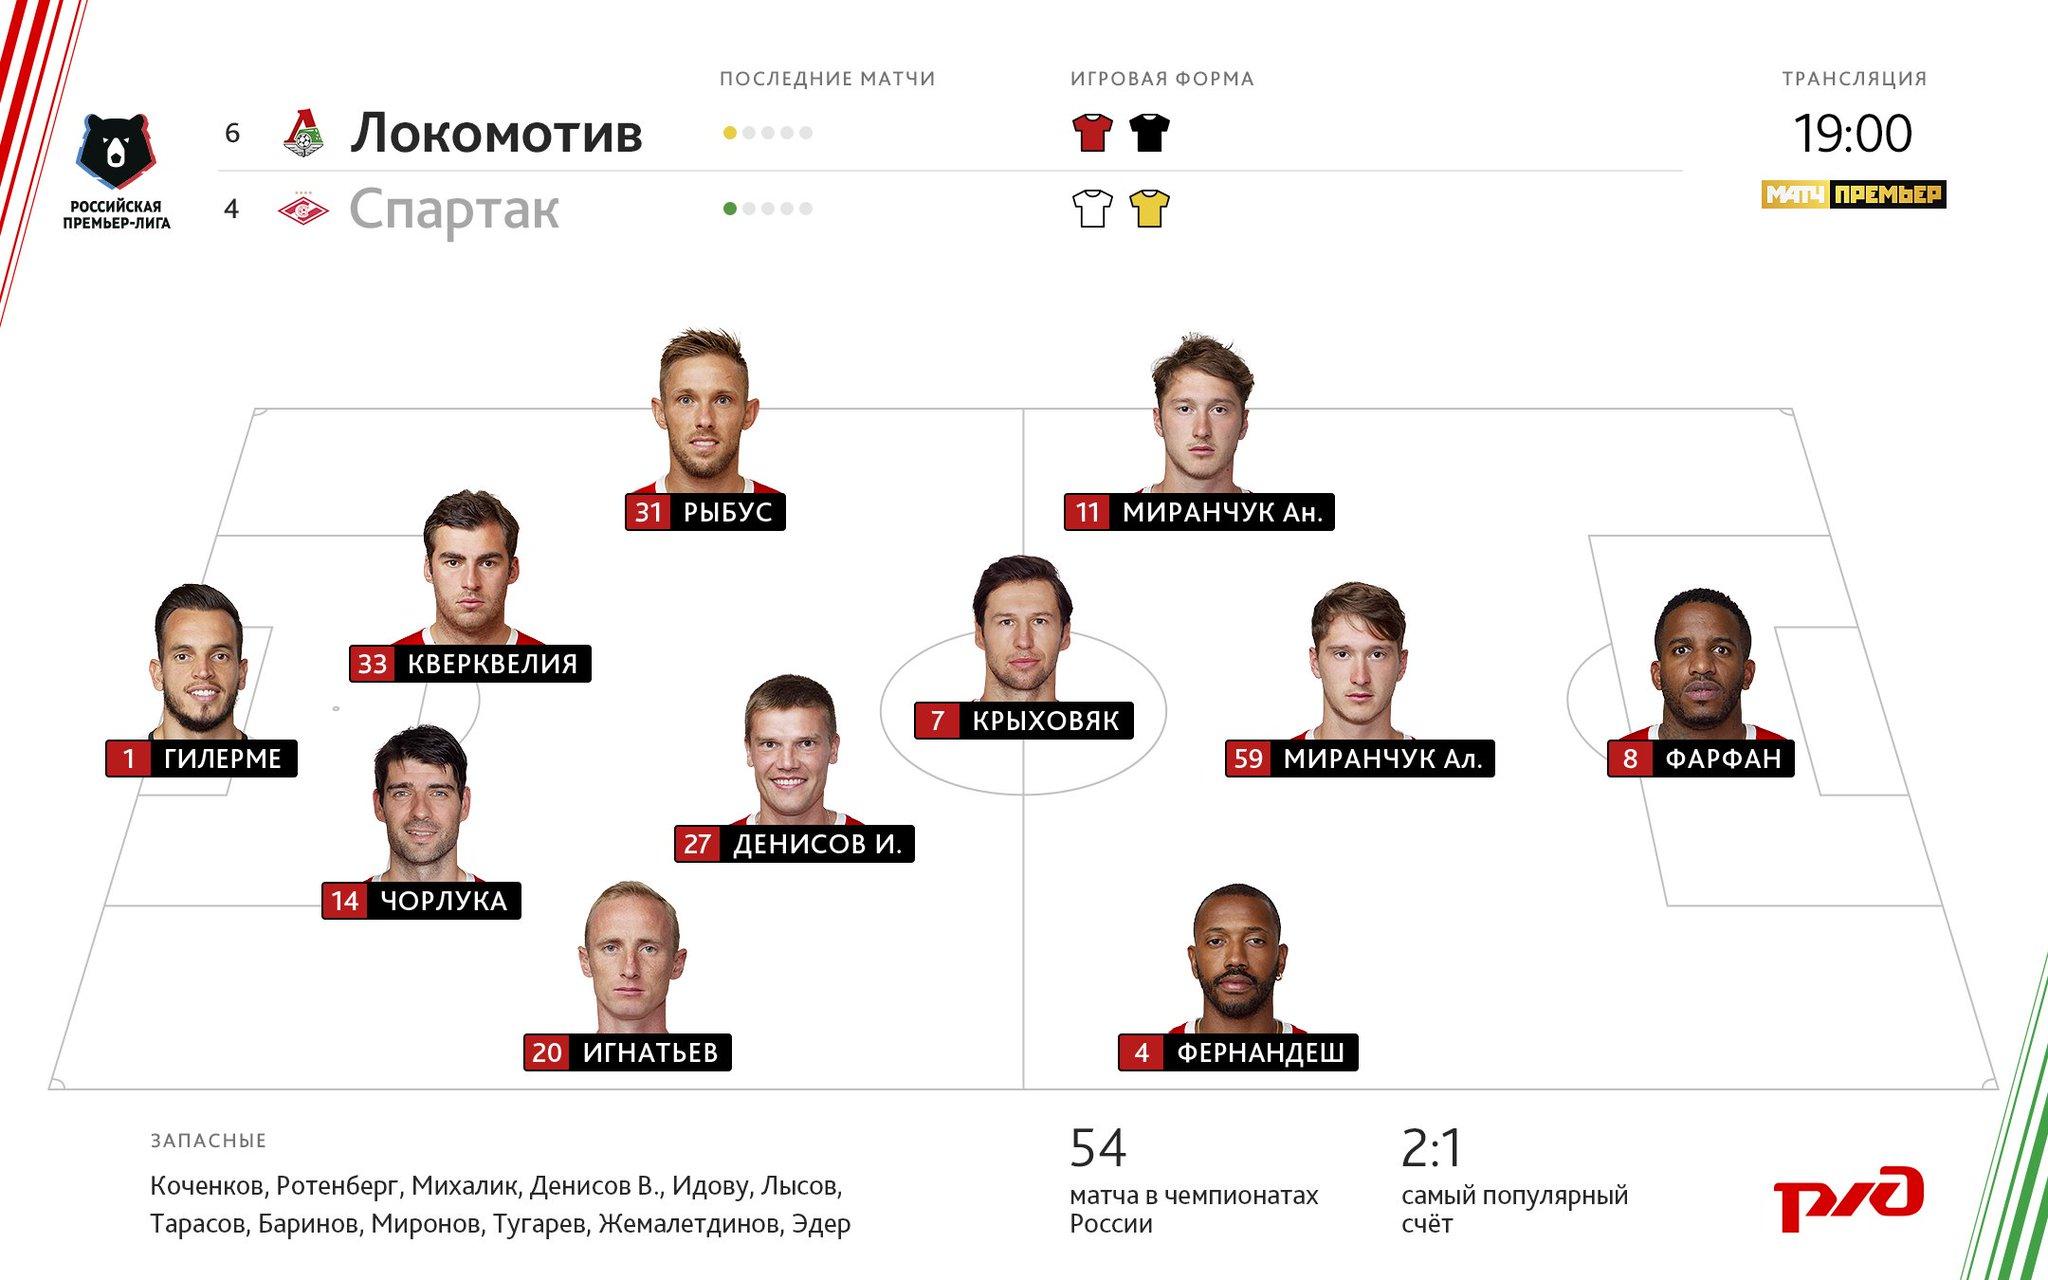 2-тур РПЛ «Локомотив» - «Спартак»: